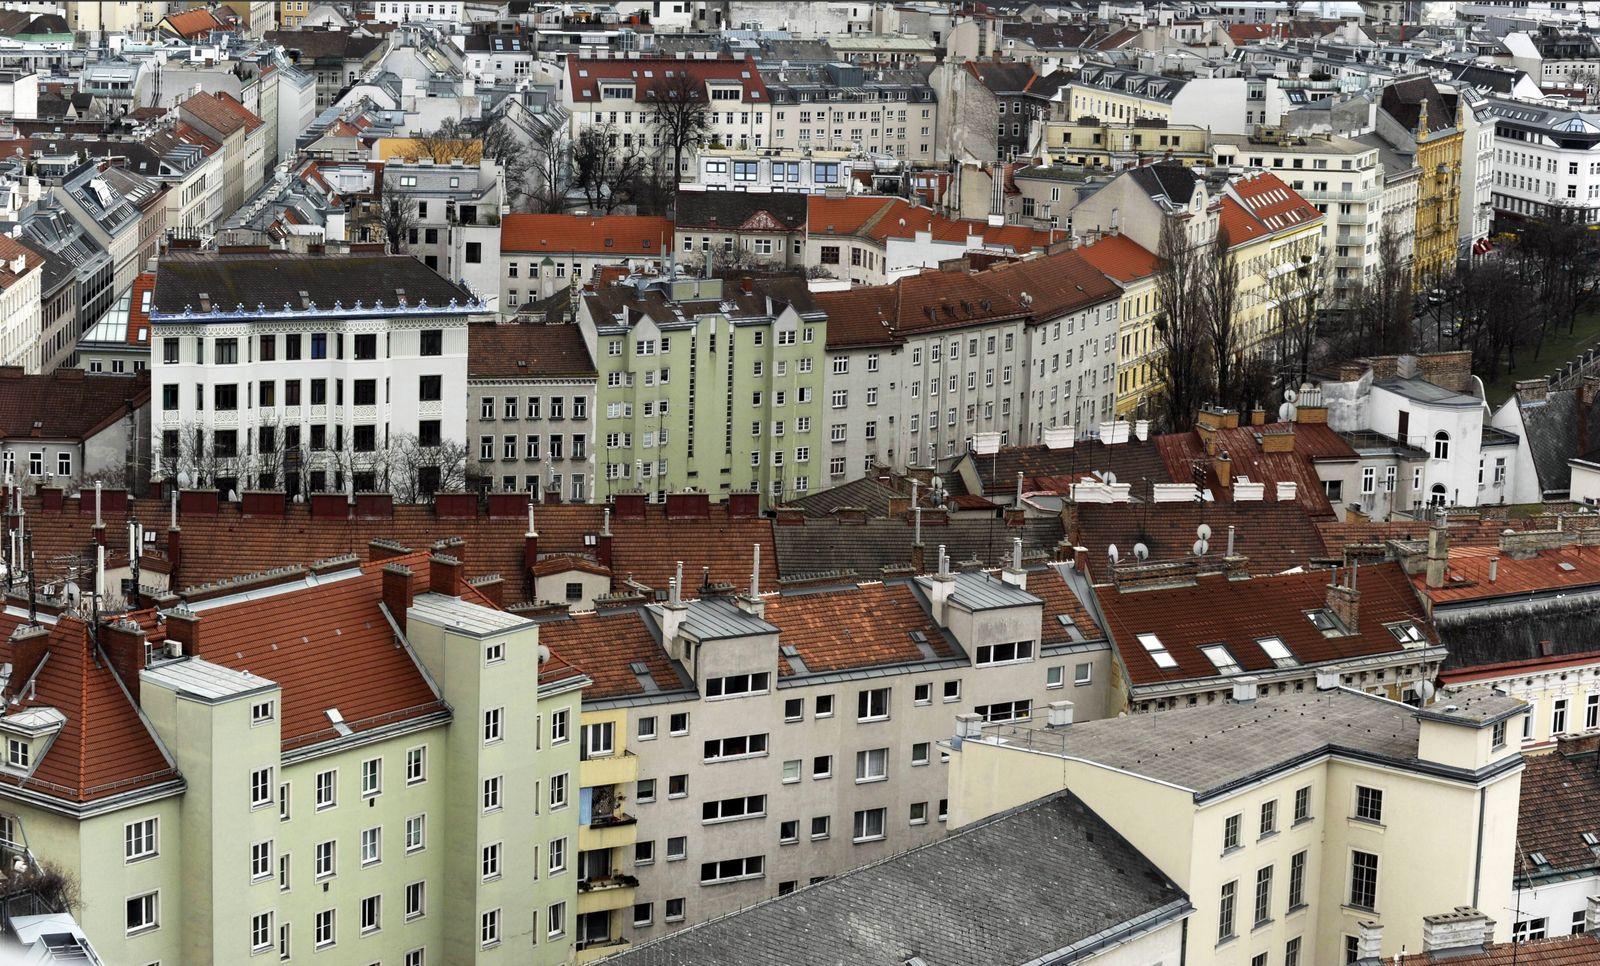 Aussicht auf Wien ÷sterreich PUBLICATIONxINxGERxSUIxAUTxHUNxONLY 1057304190